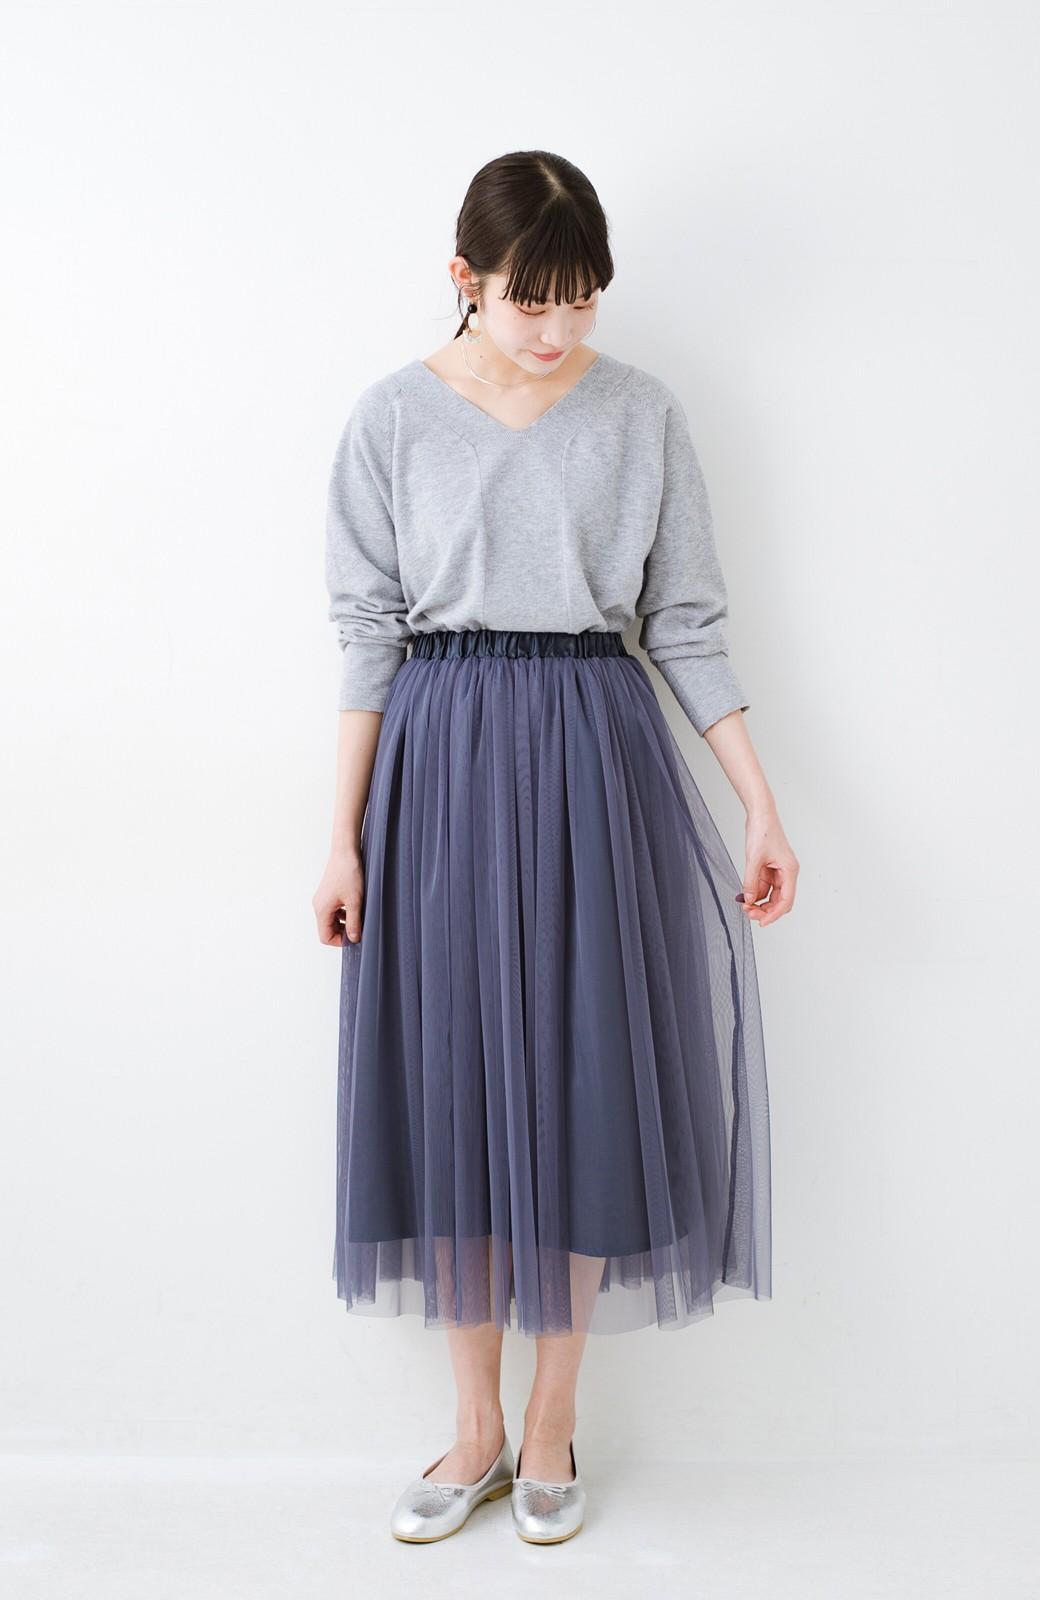 haco! 着るだけでルンとした気分になる! 長ーーい季節着られてずっと使えるオトナのためのチュールスカート <ネイビー>の商品写真13